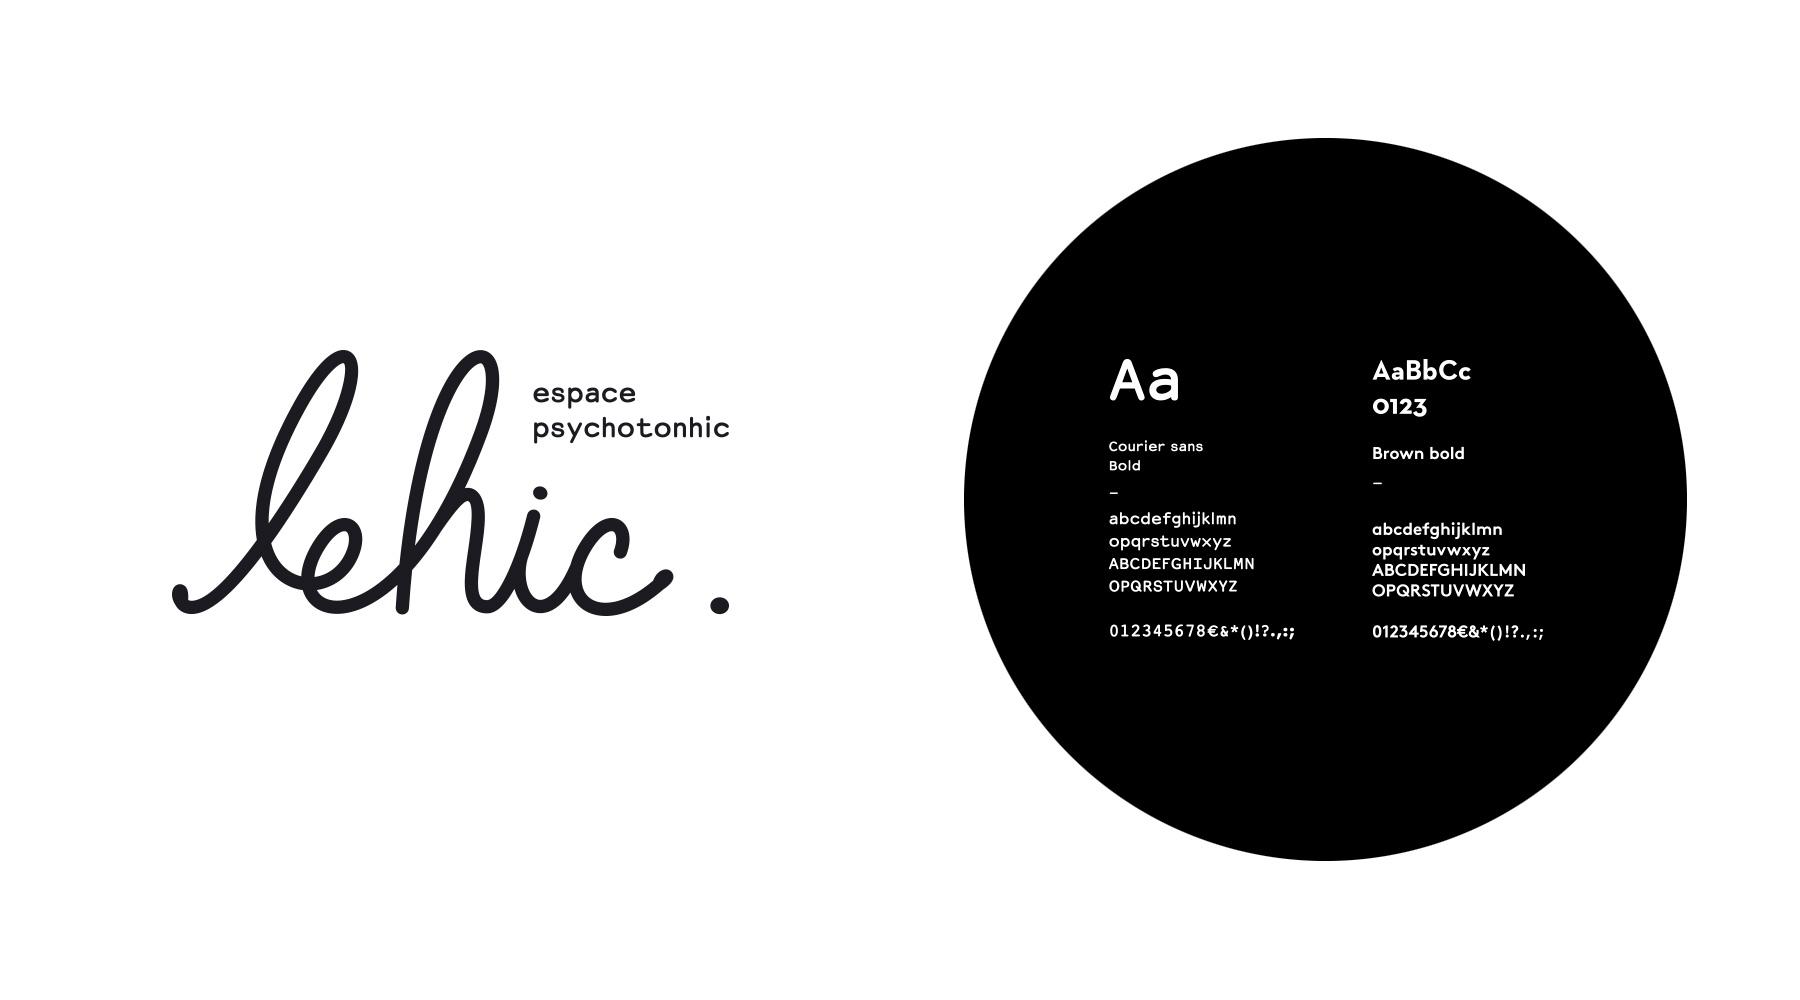 le hic logo typographie